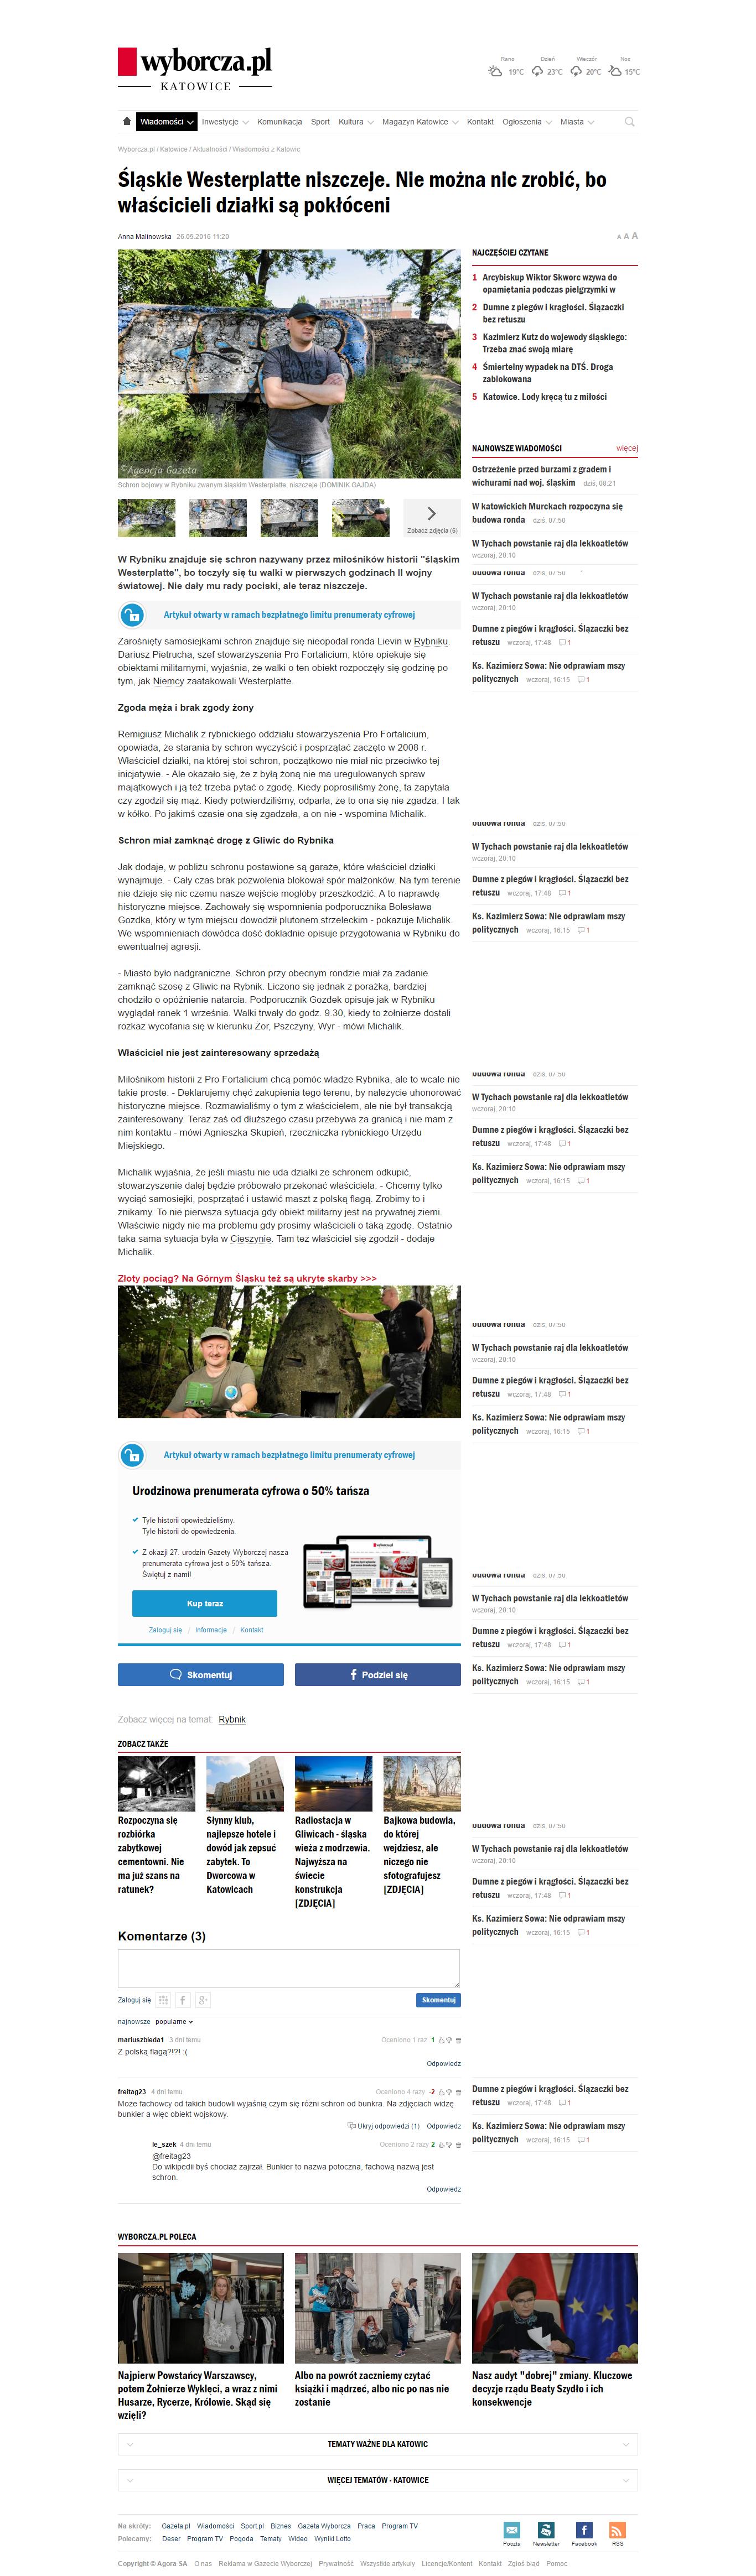 2016-05-27 - Gazeta Wyborcza - Walki o schron przy rondzie Lievin